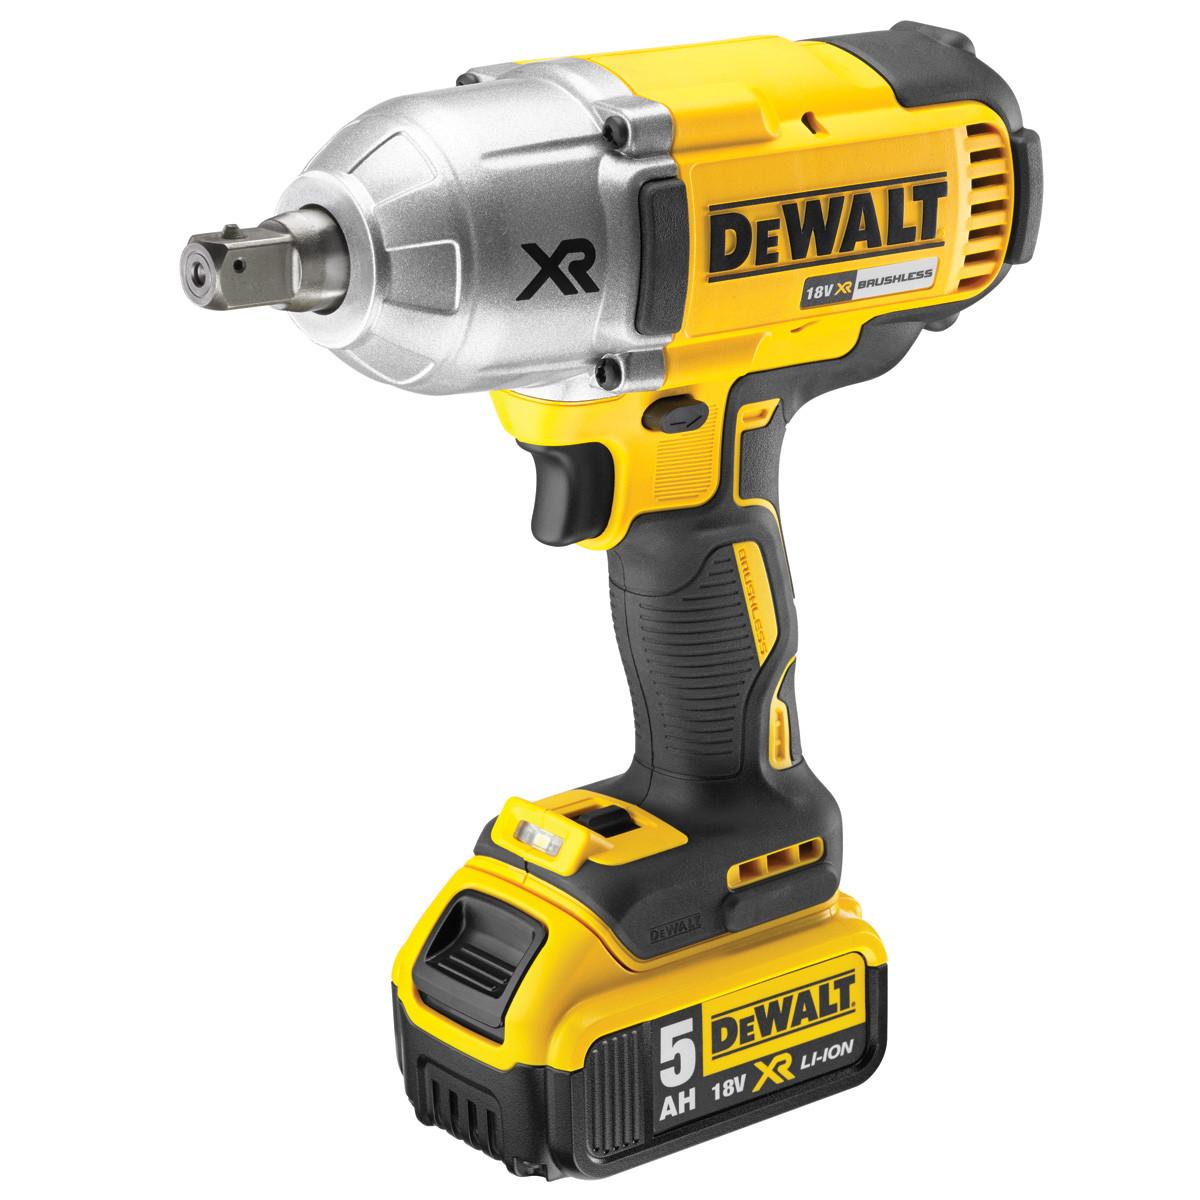 Dewalt Dcf899p2 18v High Torque Brushless Impact Wrench